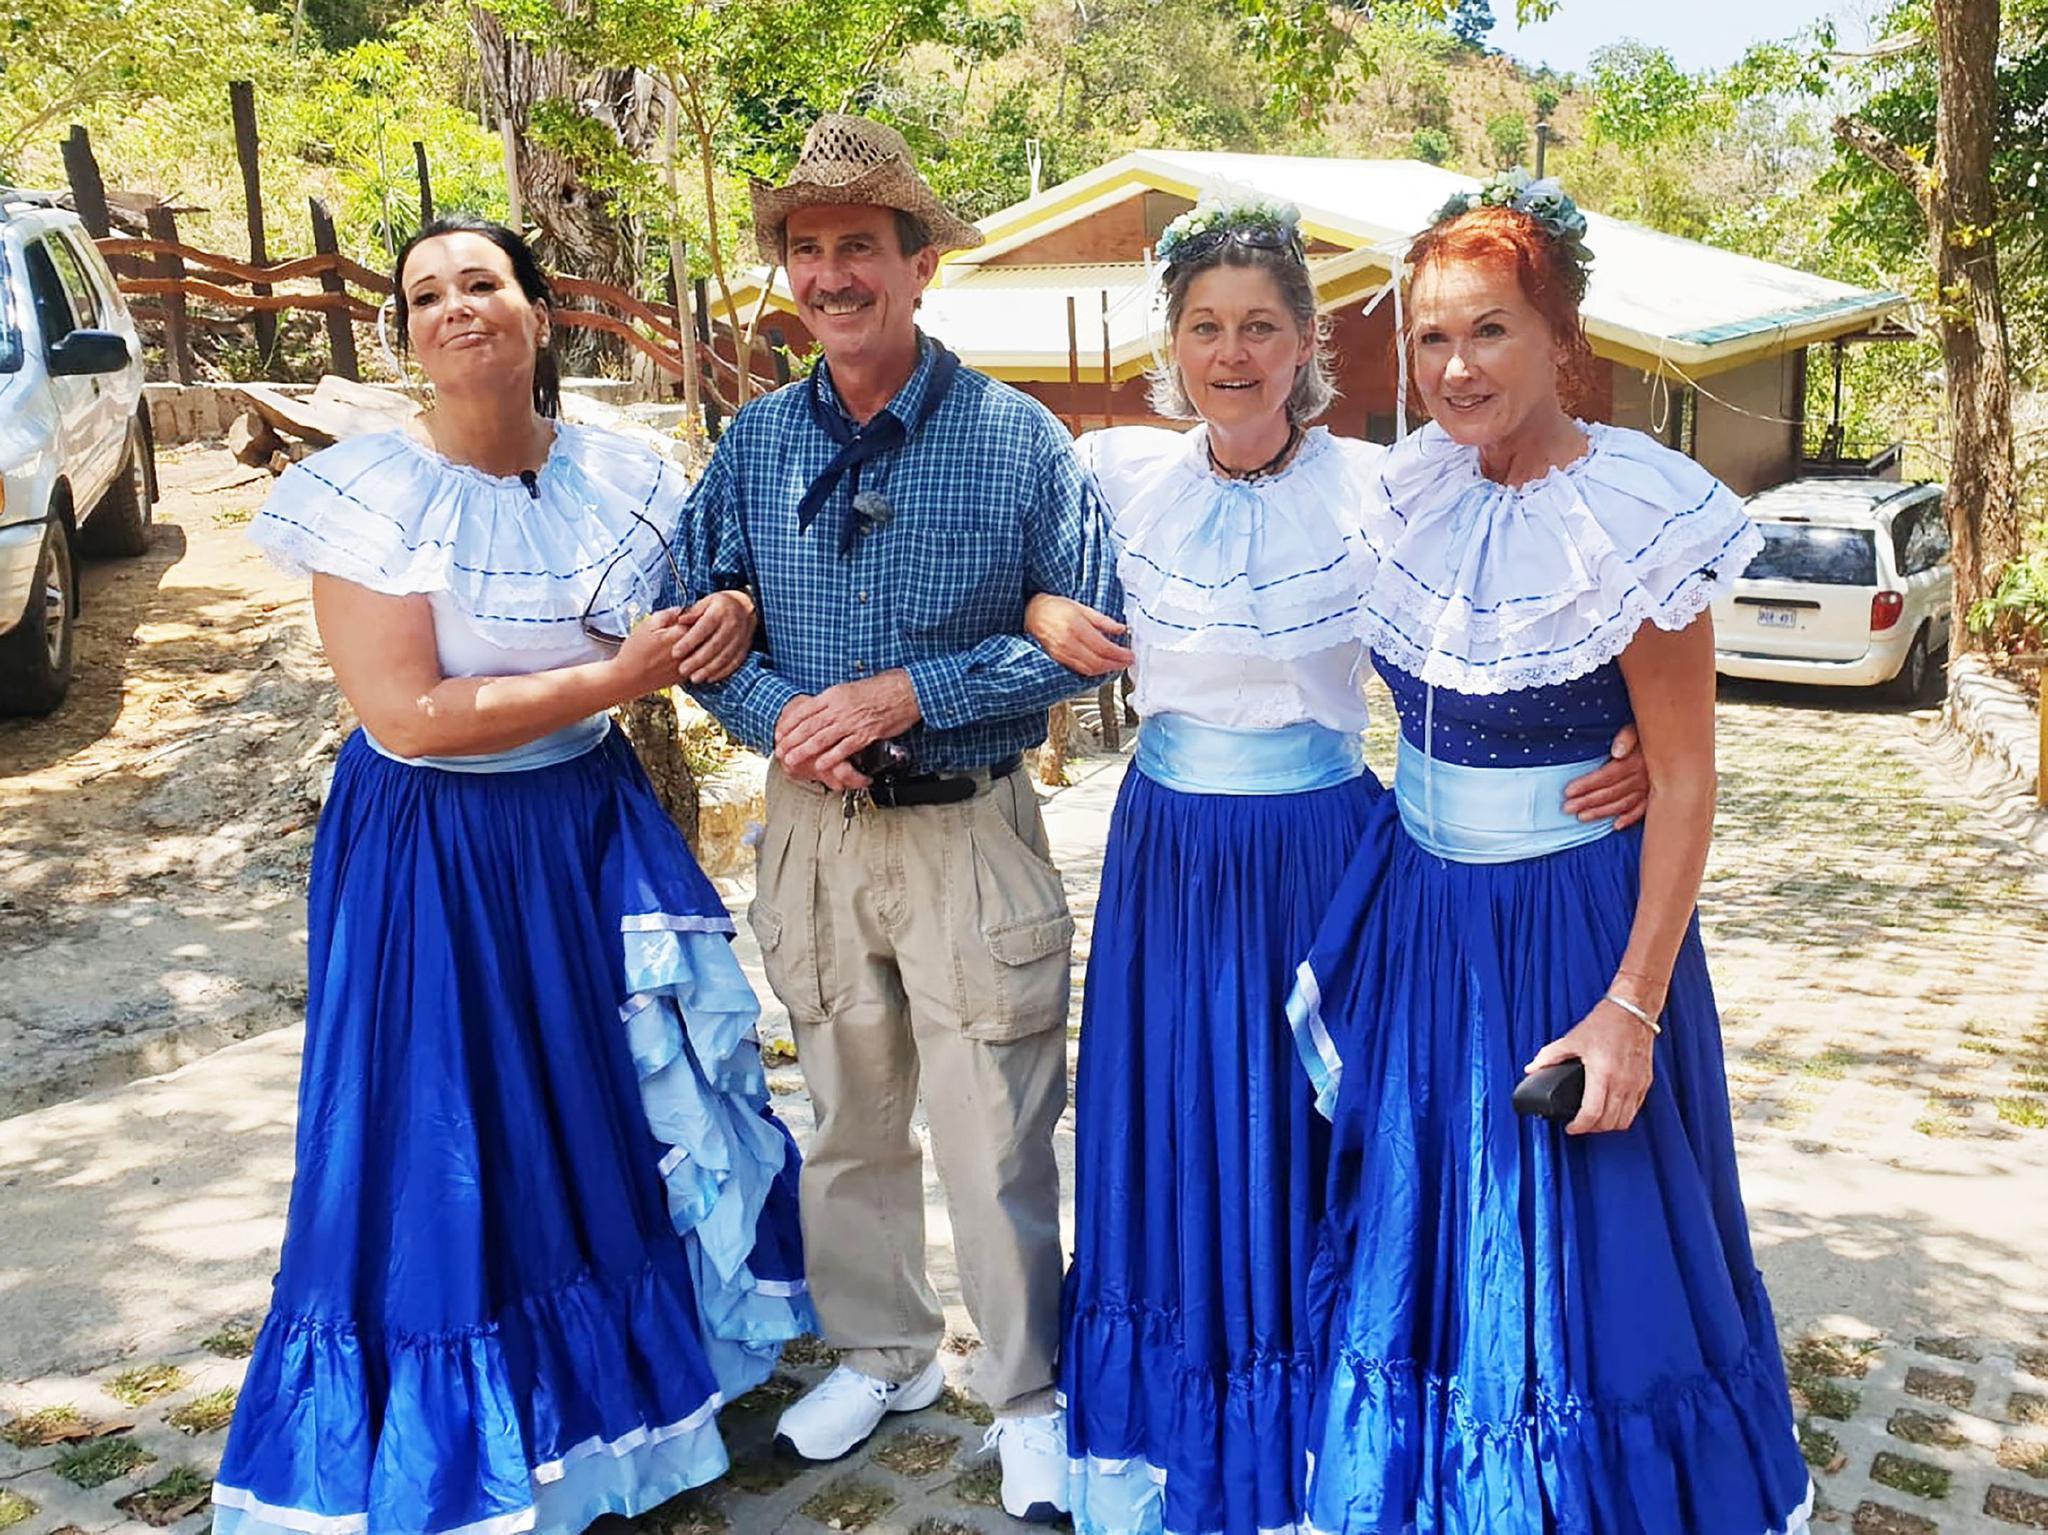 Tom (59) aus Costa Rica hat (v.l.) Gabriele, Siglinde und Joyce zu sich eingeladen.